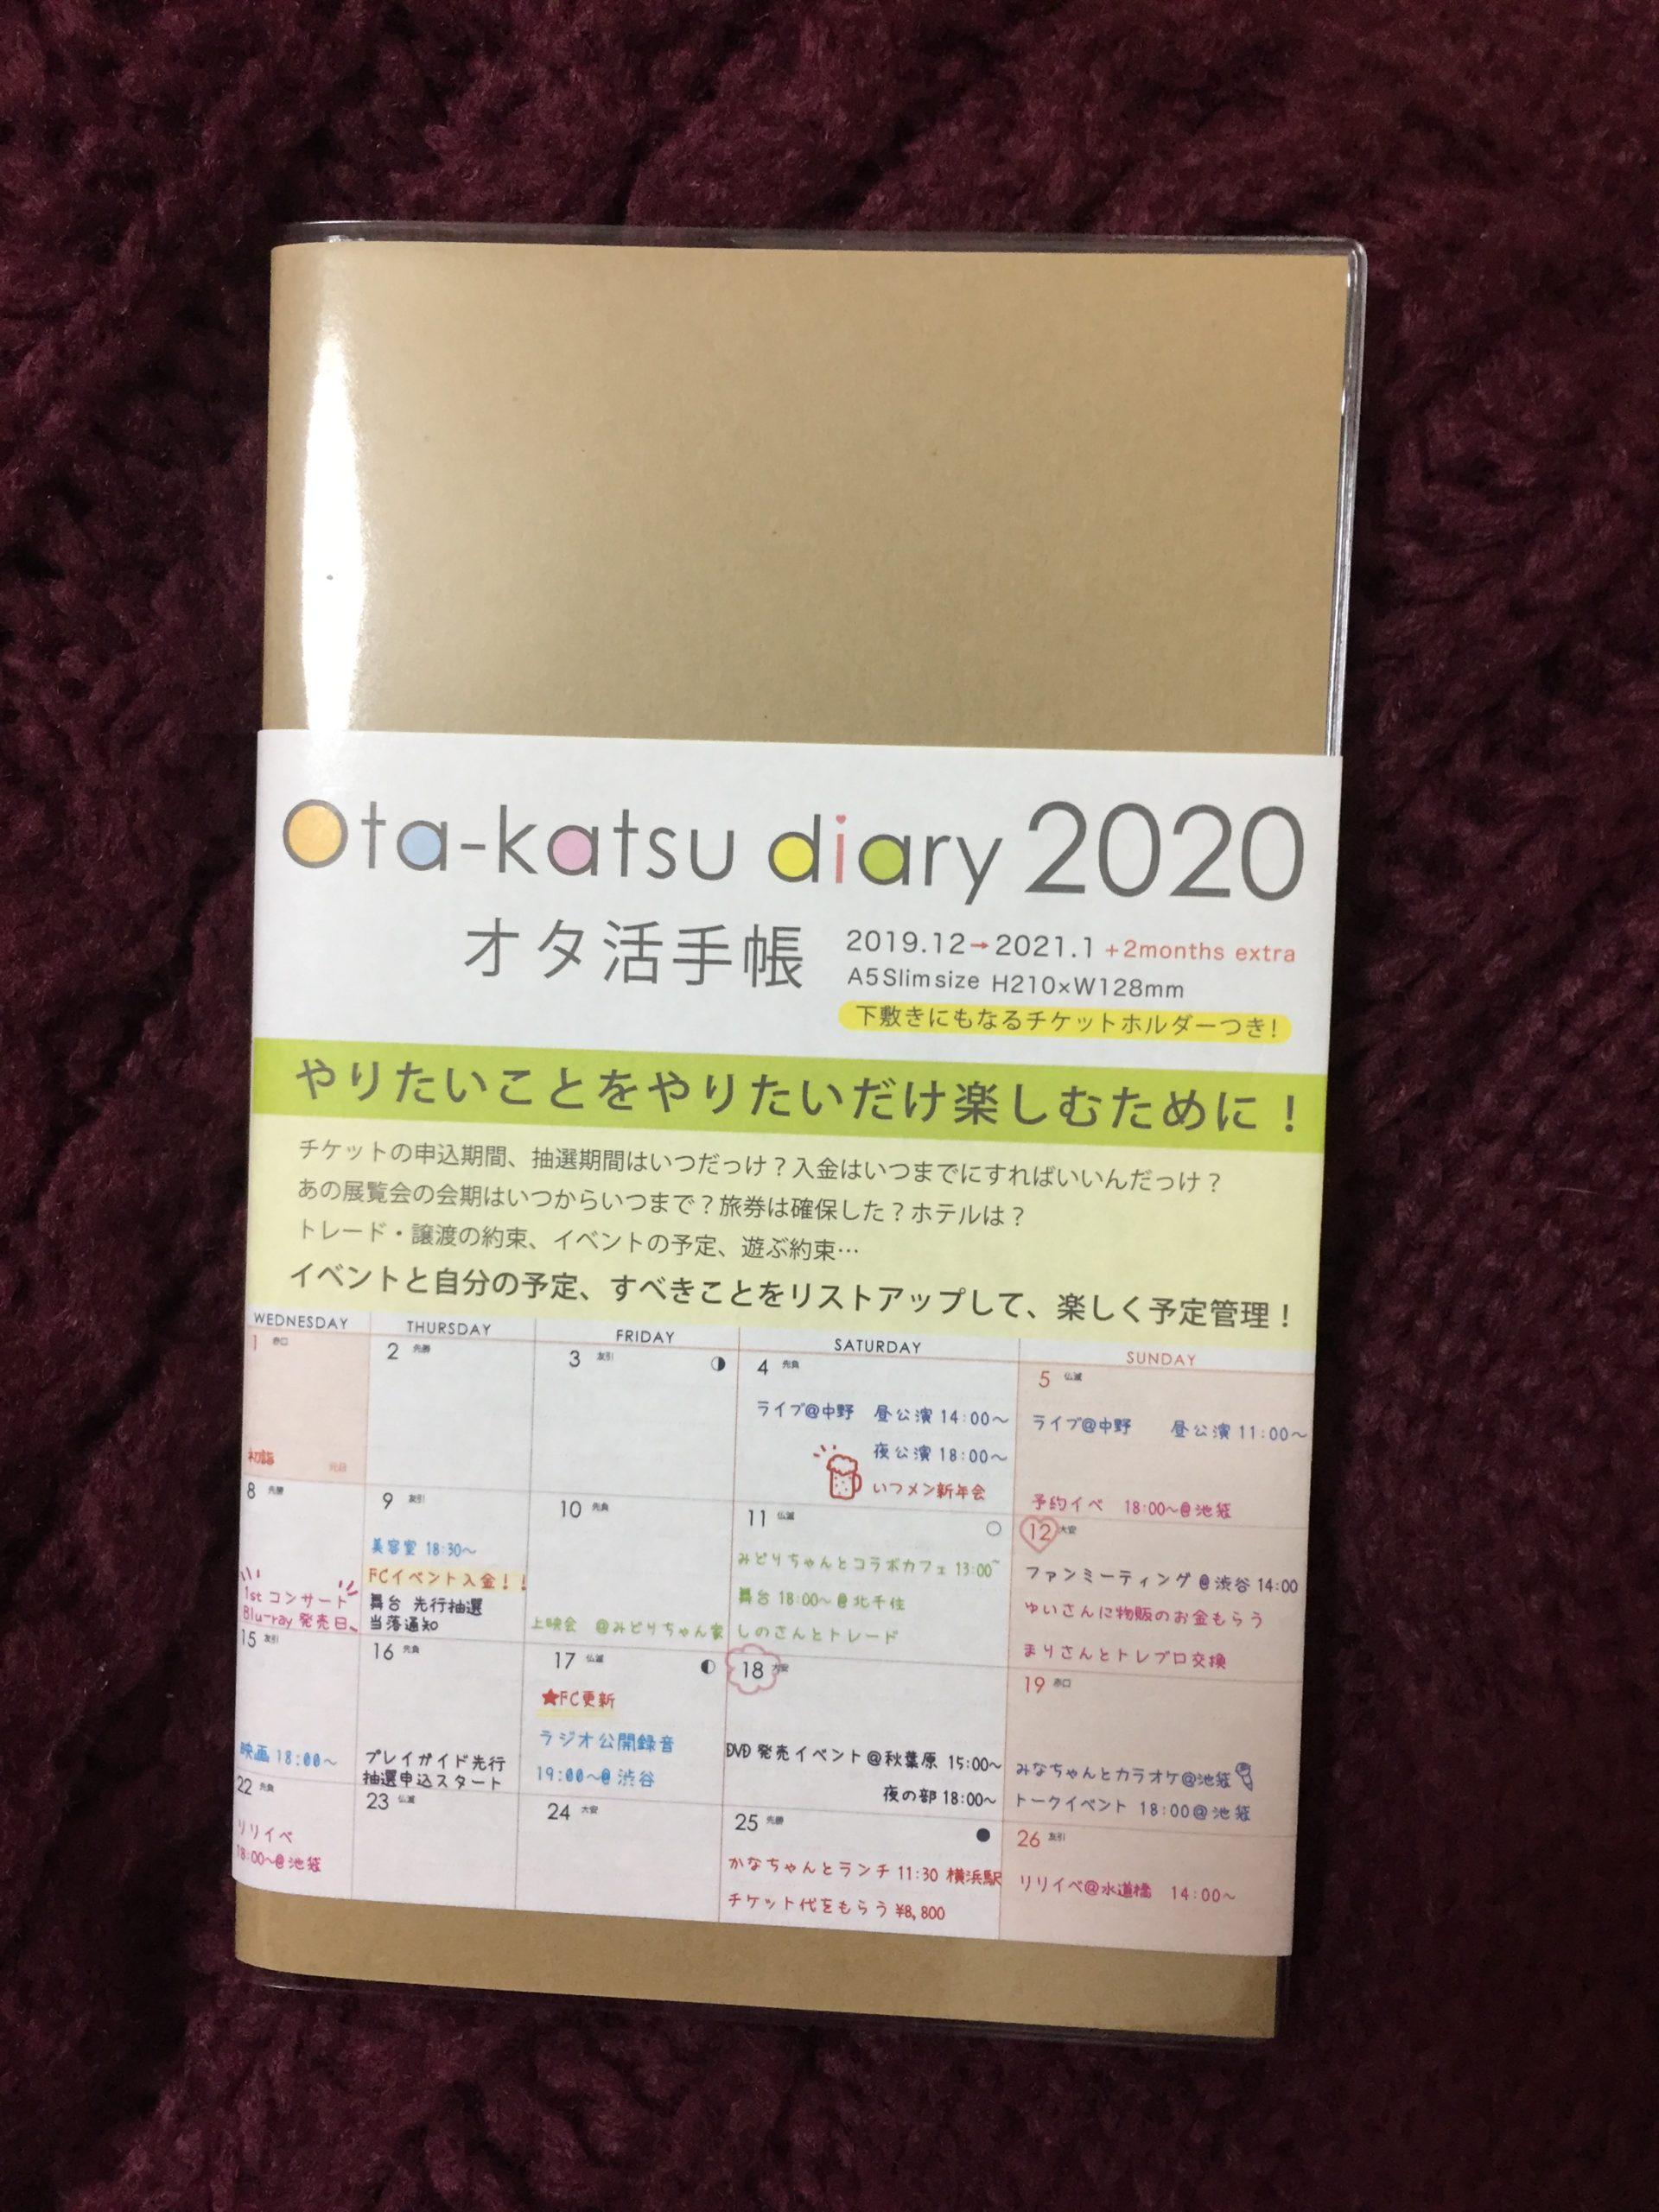 オタ活手帳~2020~普通の手帳と何が違うの?ヲタにもママにも便利なワケ 書き方 おすすめ アートプリントジャパン ロフト